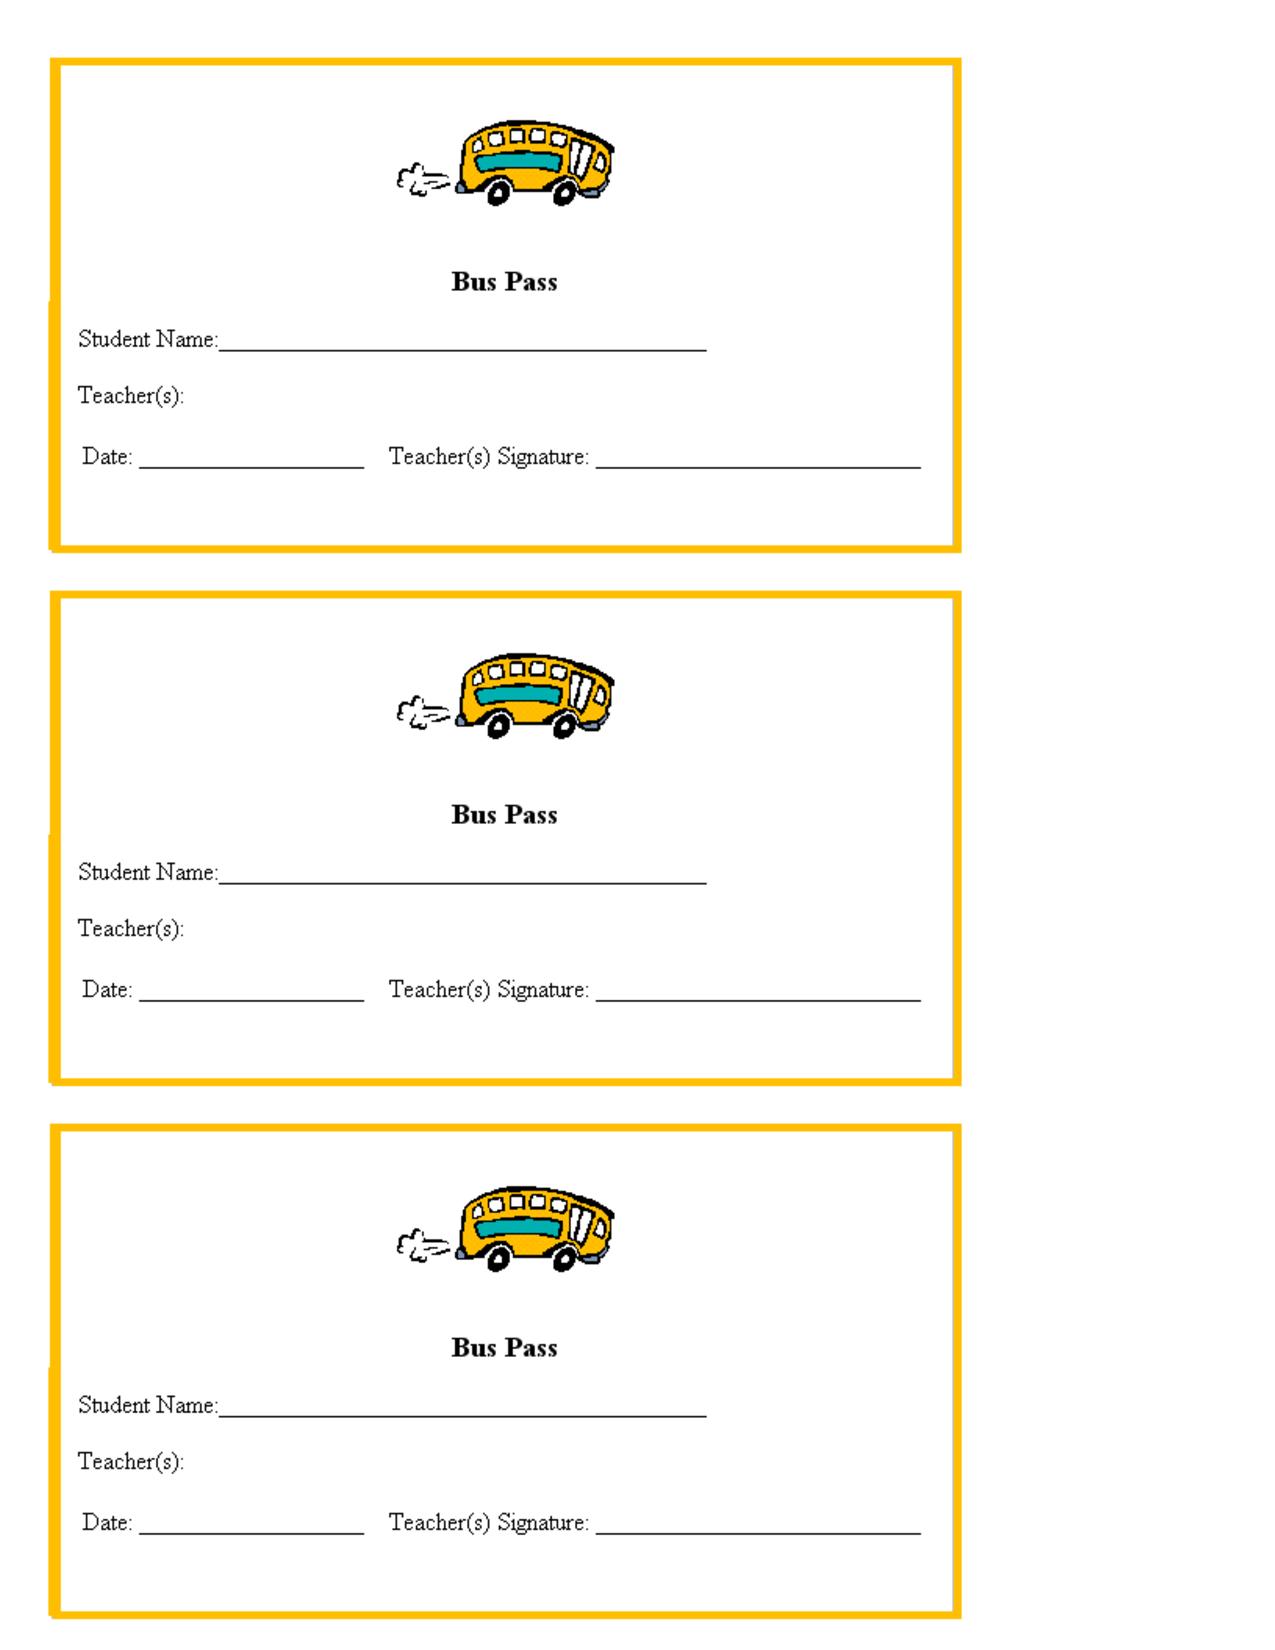 Hall Pass Template For Teachers   Teacher Printables School Bus - Free Printable Hall Pass Template